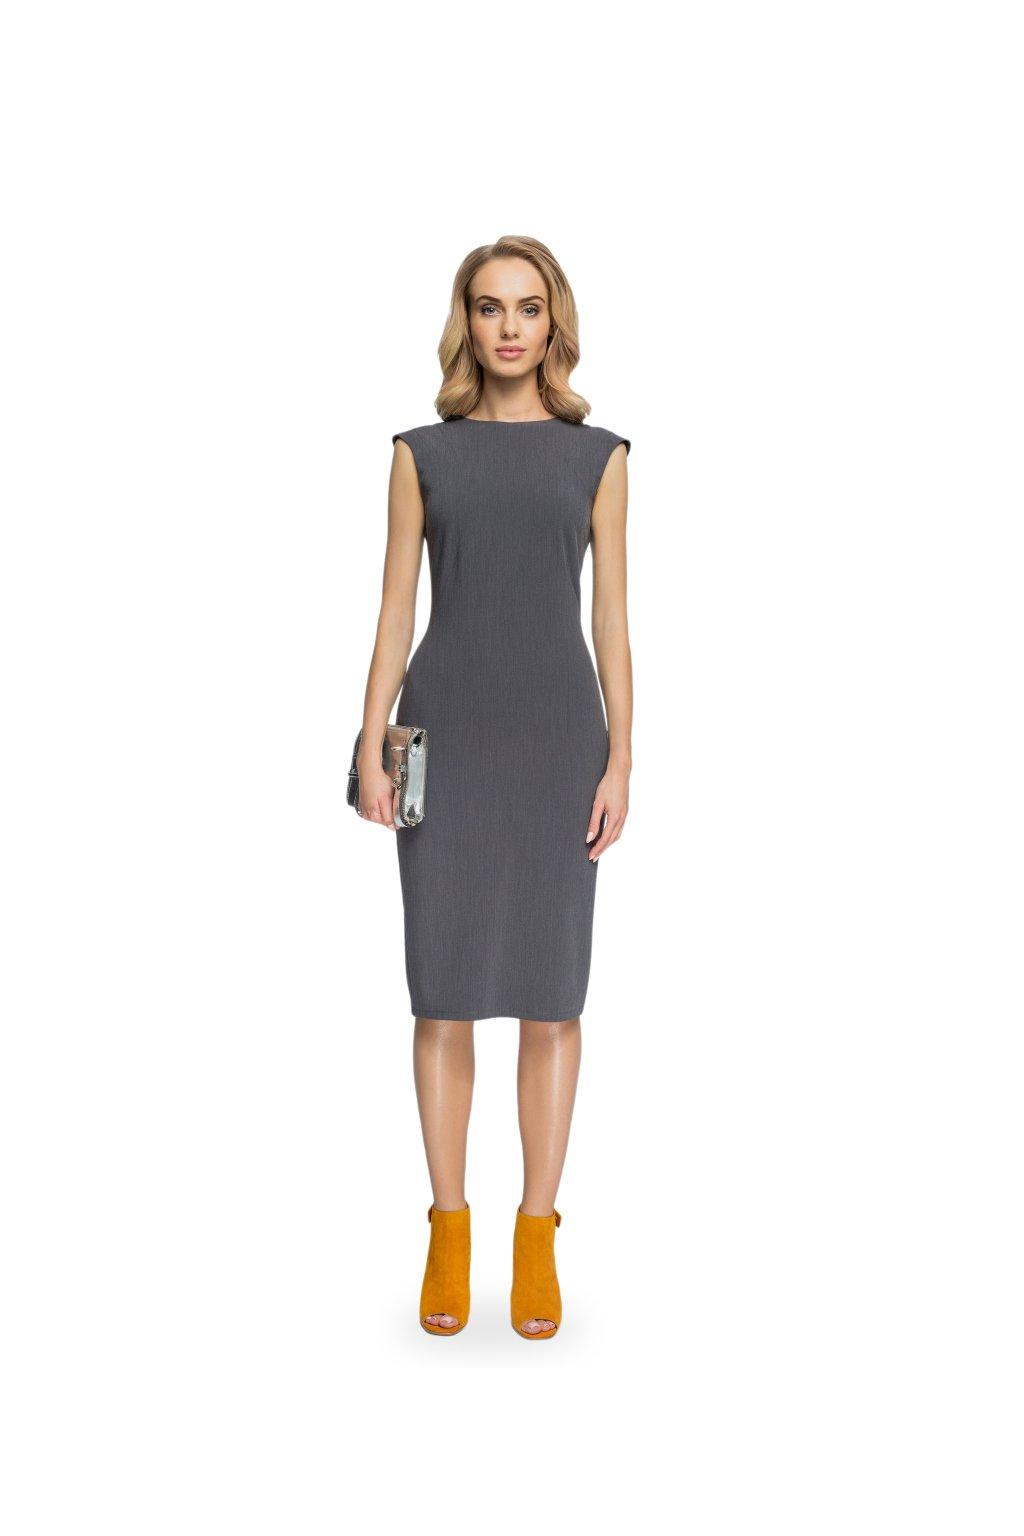 fb87711022 Elegantní pouzdrové šaty Style S080 černé - SD-Fashion.cz